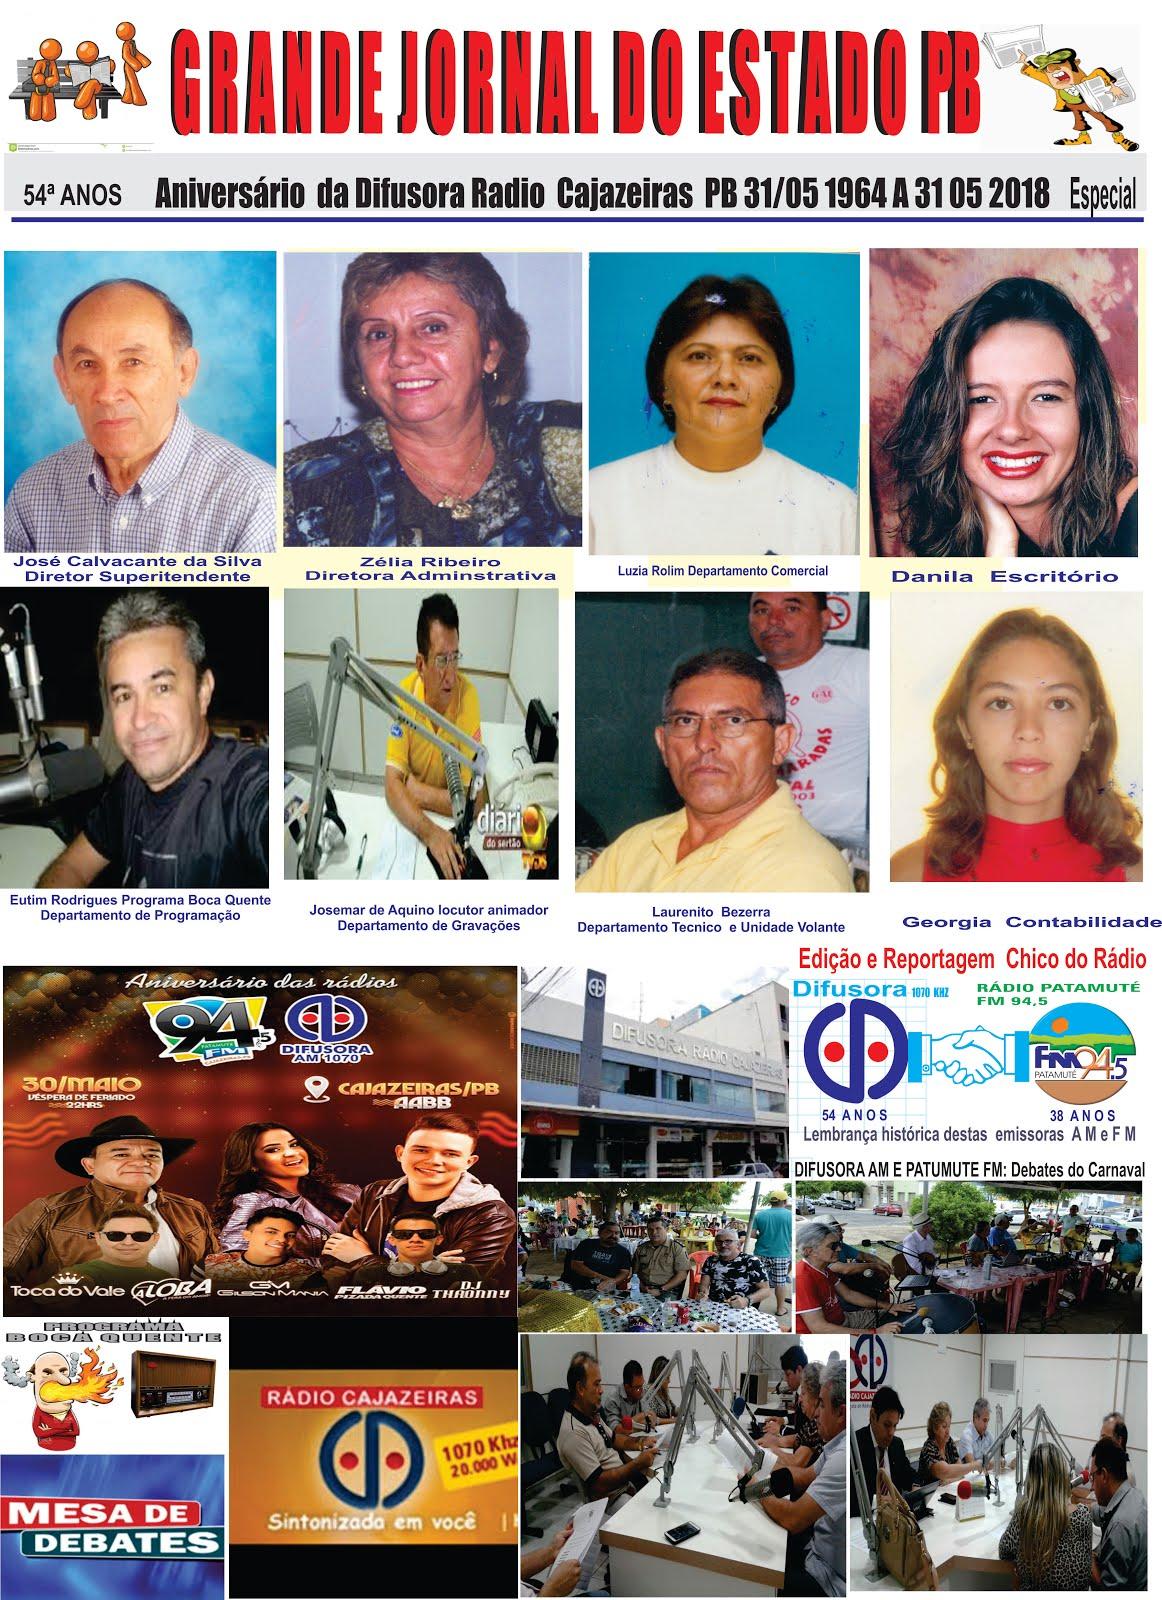 ANIVERSÁRIO DA DIFUSORA  RÁDIO CAJAZEIRAS  54 ANOS DIA  31  DE MAIO  2018